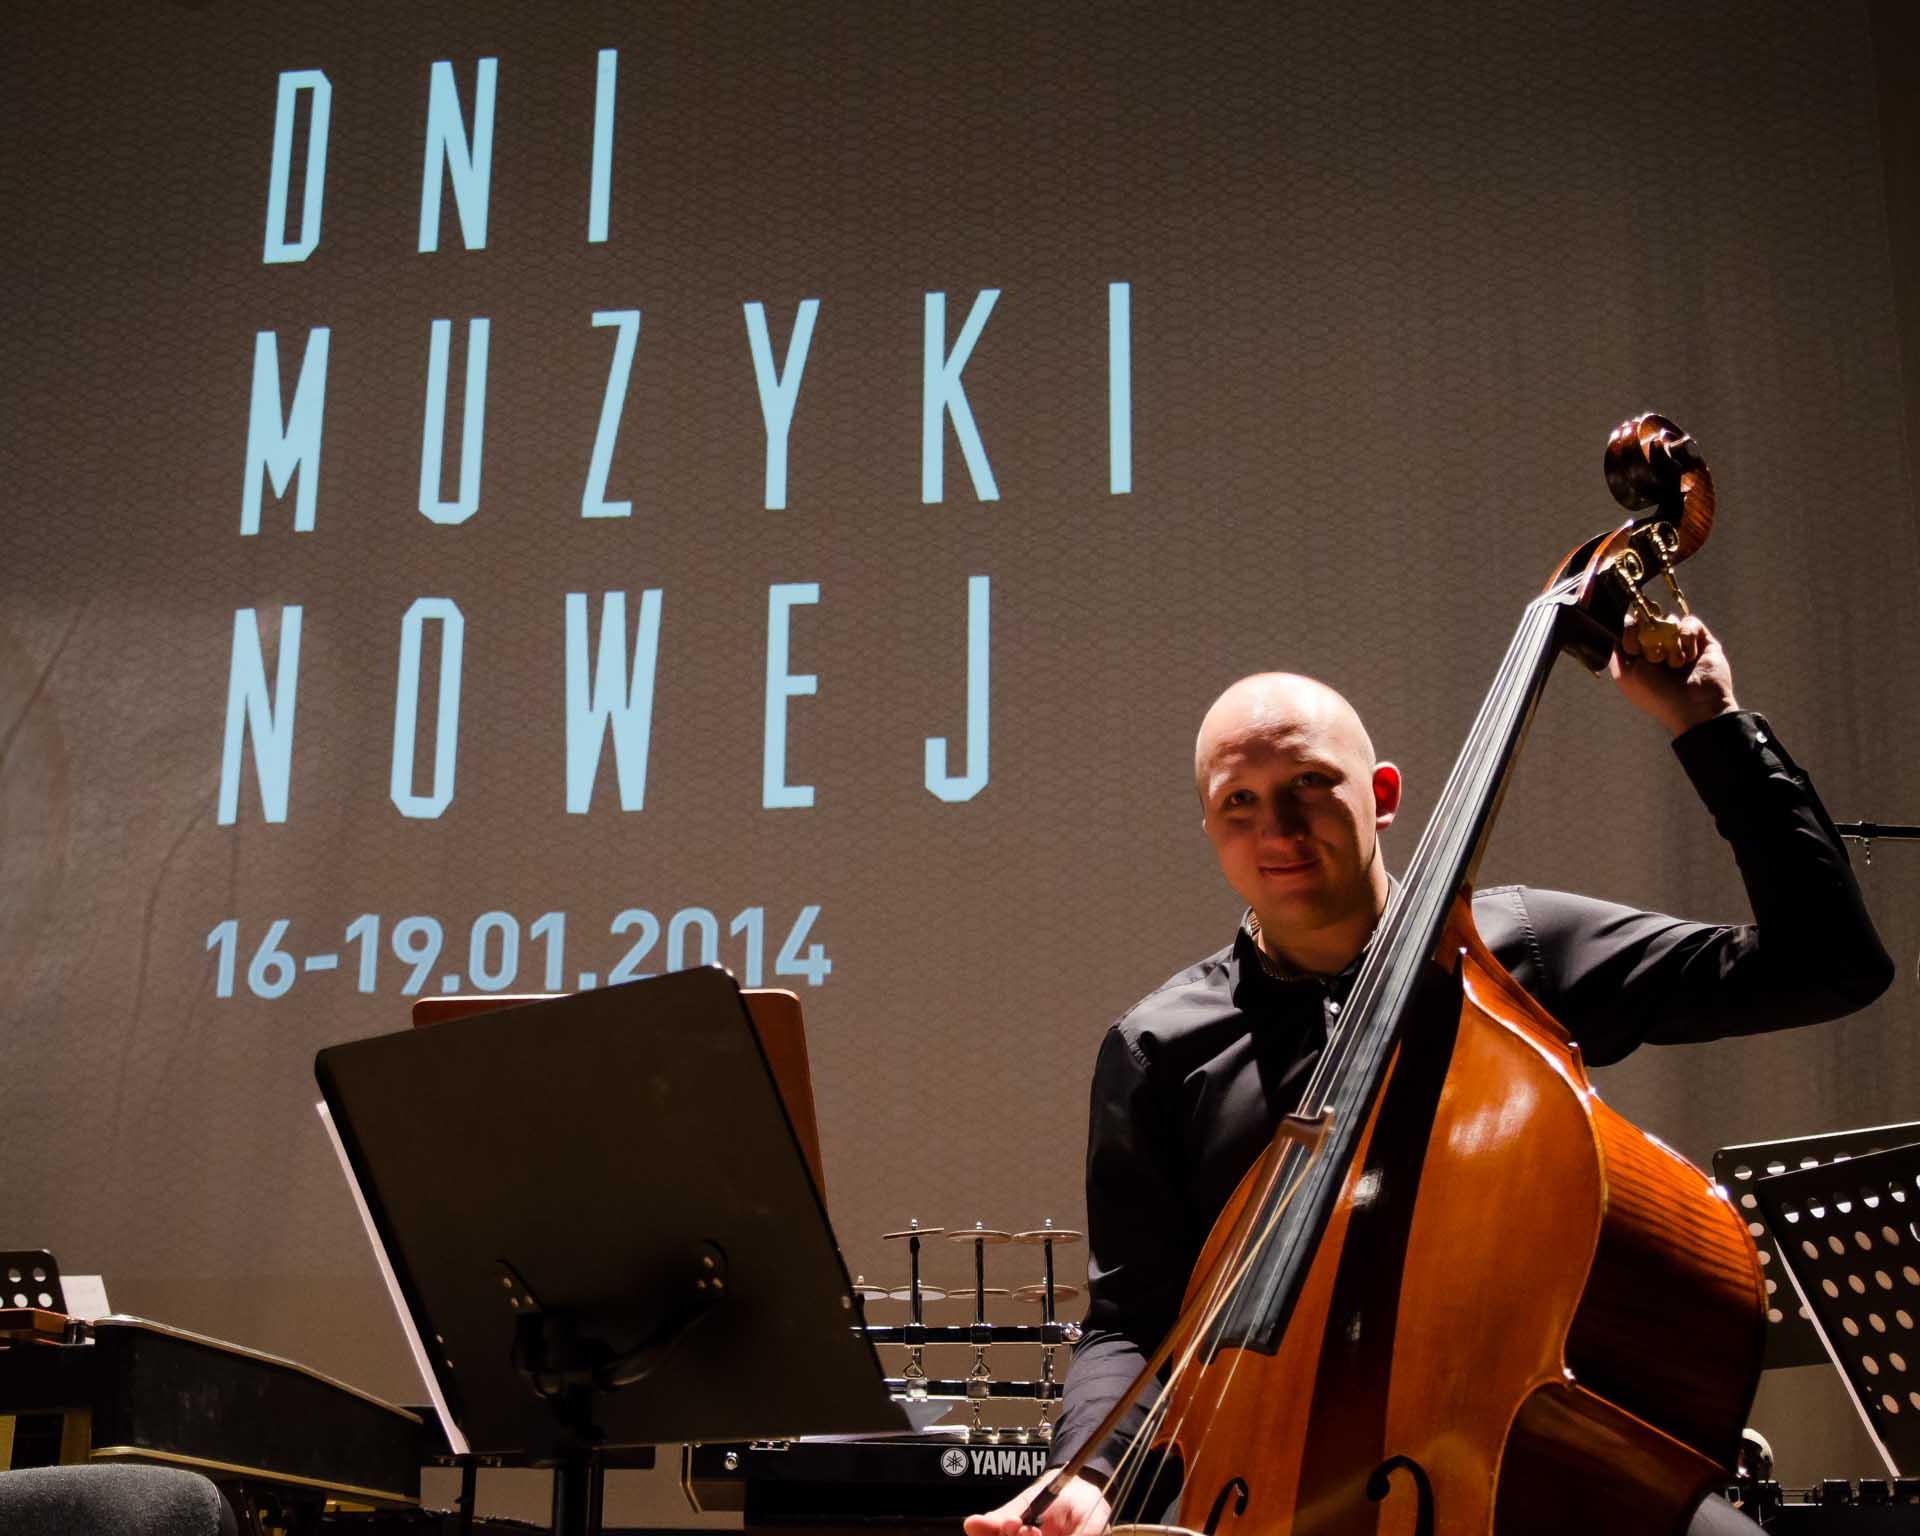 Dni Muzyki Nowej w Klubie ŻAK w Gdańsku, 2014r., fot. Rafał Nitychoruk www.zaduzoslow.pl